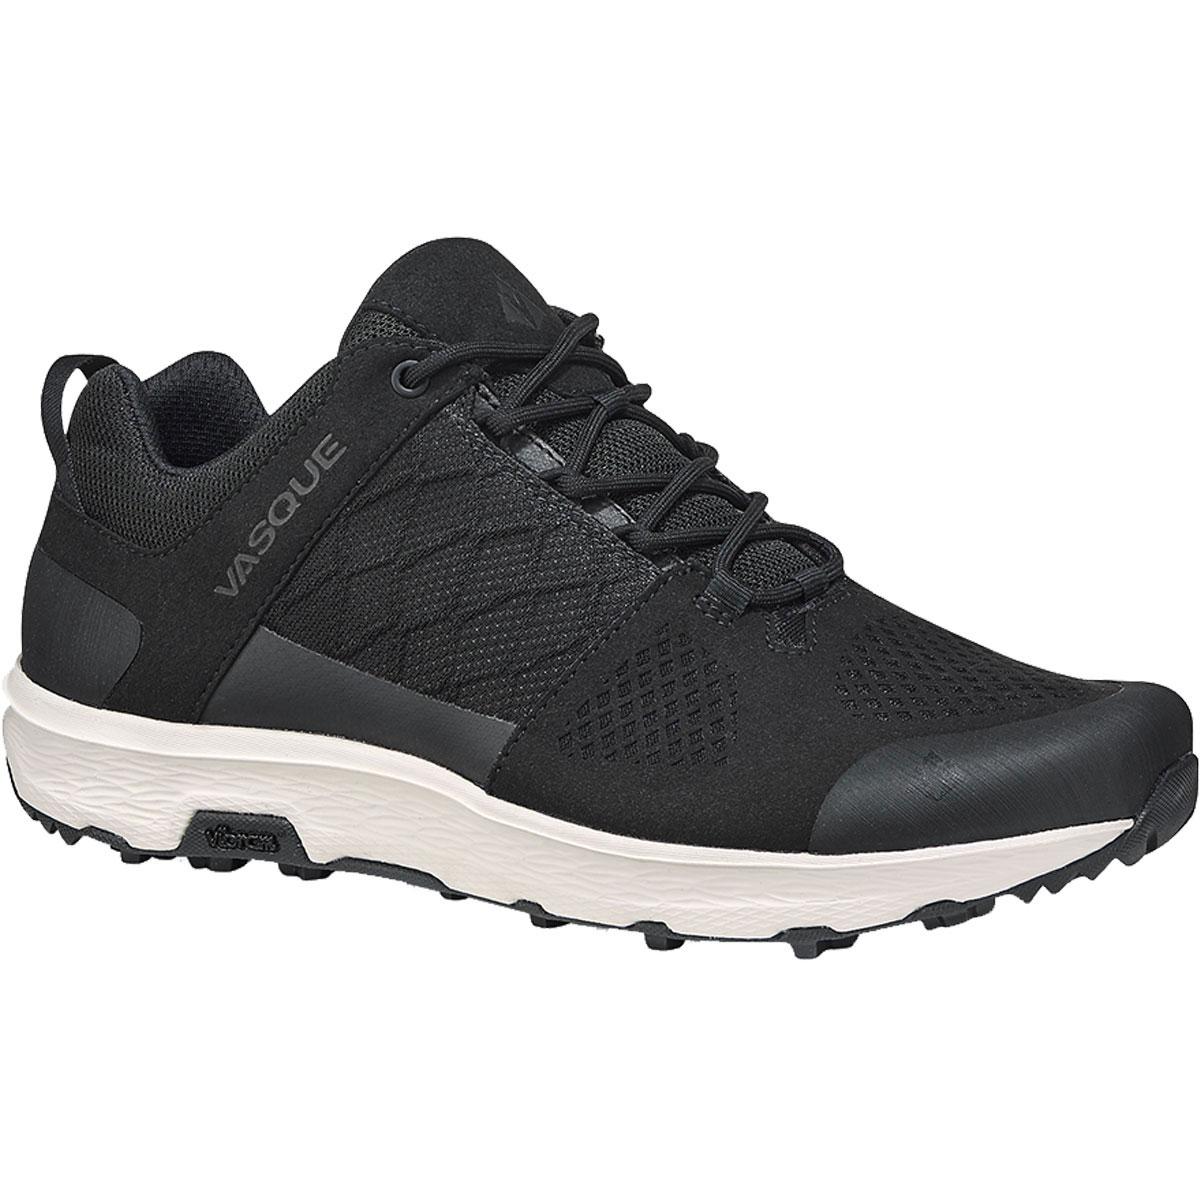 Vasque Men's Breeze Lite Low GTX Shoe (Black/White) $79.99 + Free Shipping [Use code 'VSQ-GTX-BW-M' at checkout]